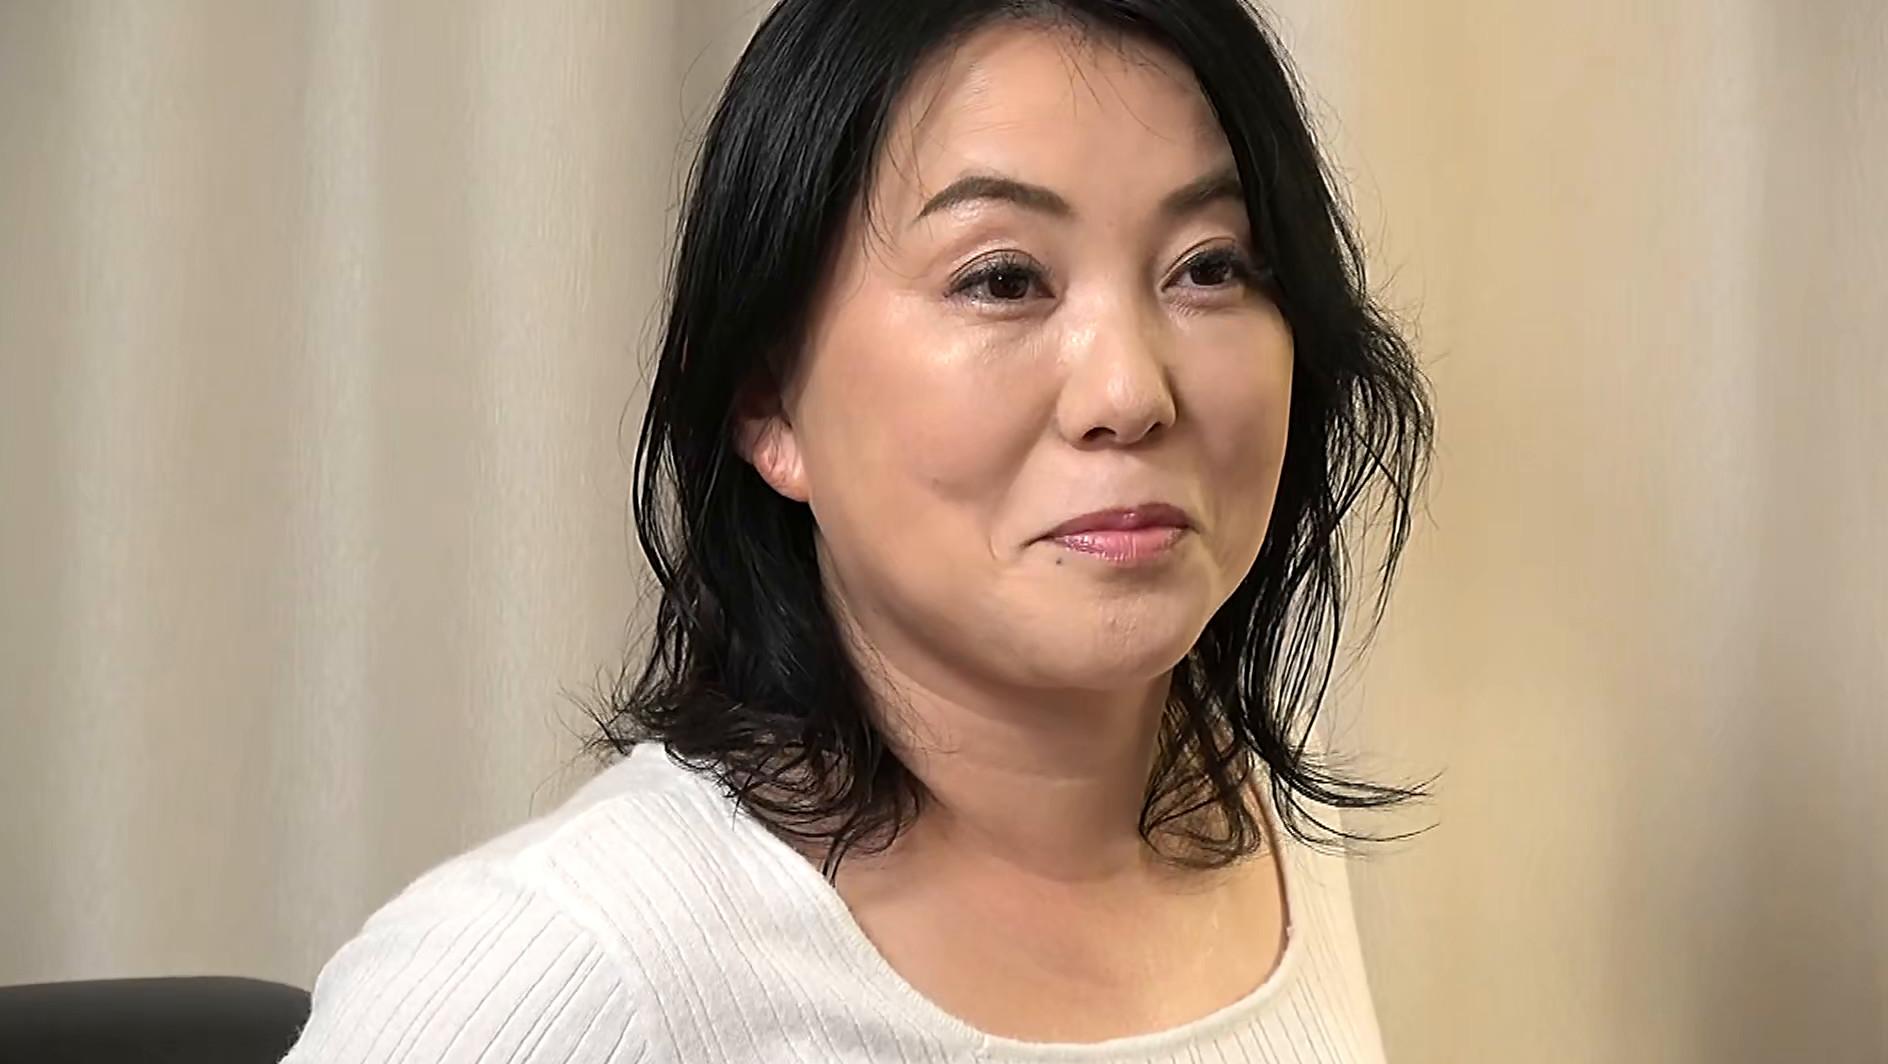 【五十路】飲酒ホロ酔い妻 京佳 52歳 画像1